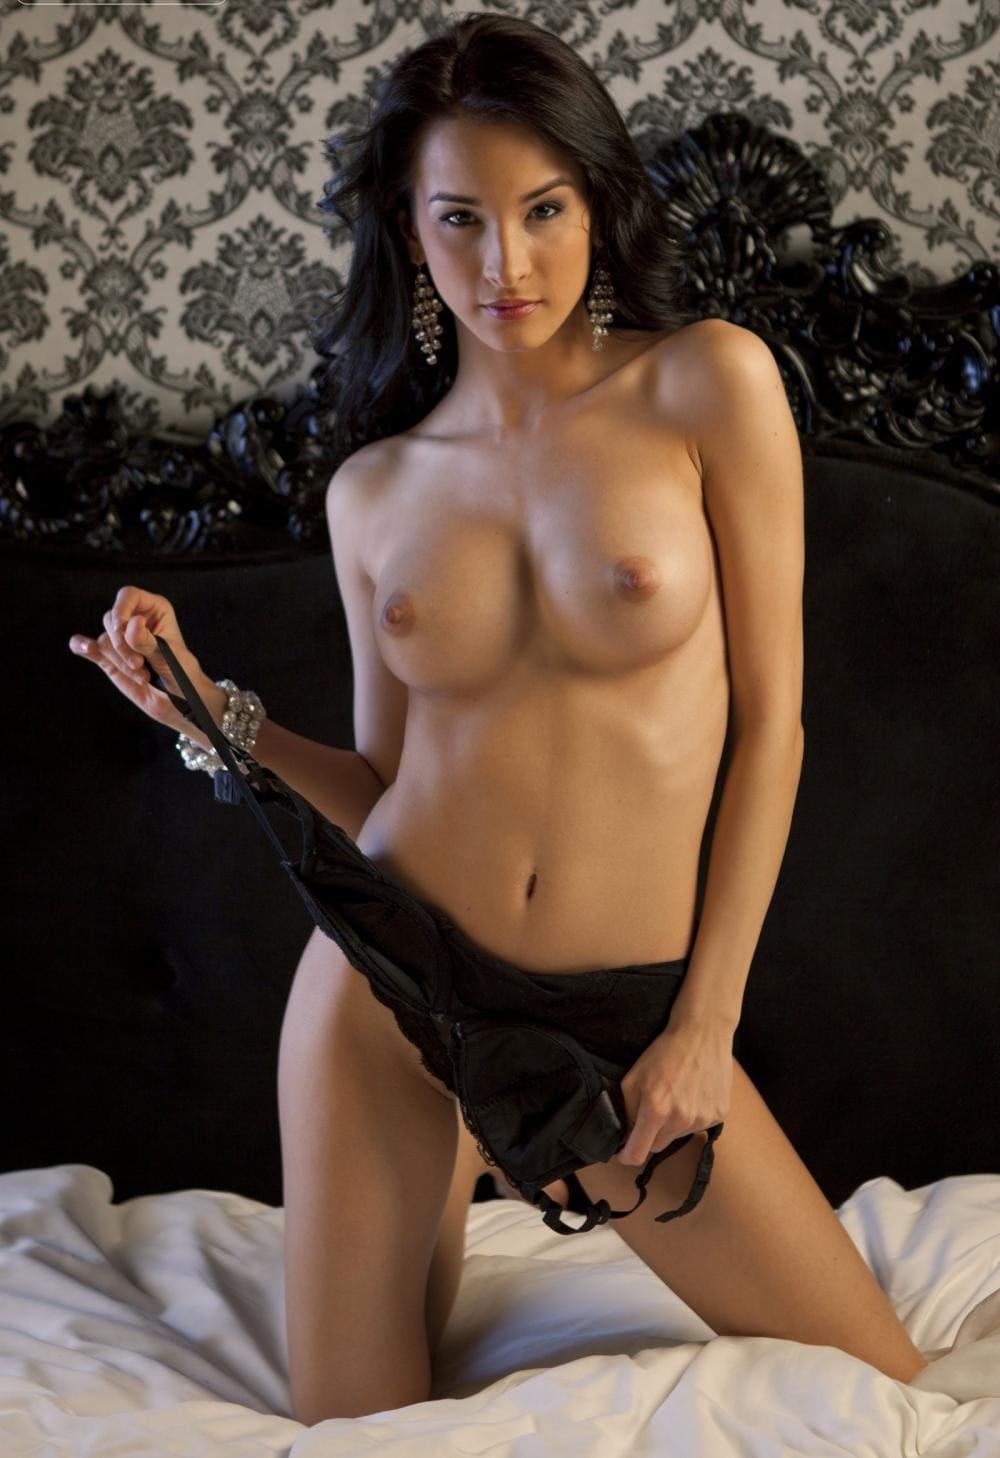 Голые груди брюнеток стоит на кровати на коленях молодая девушка в руках растягивает бюстик